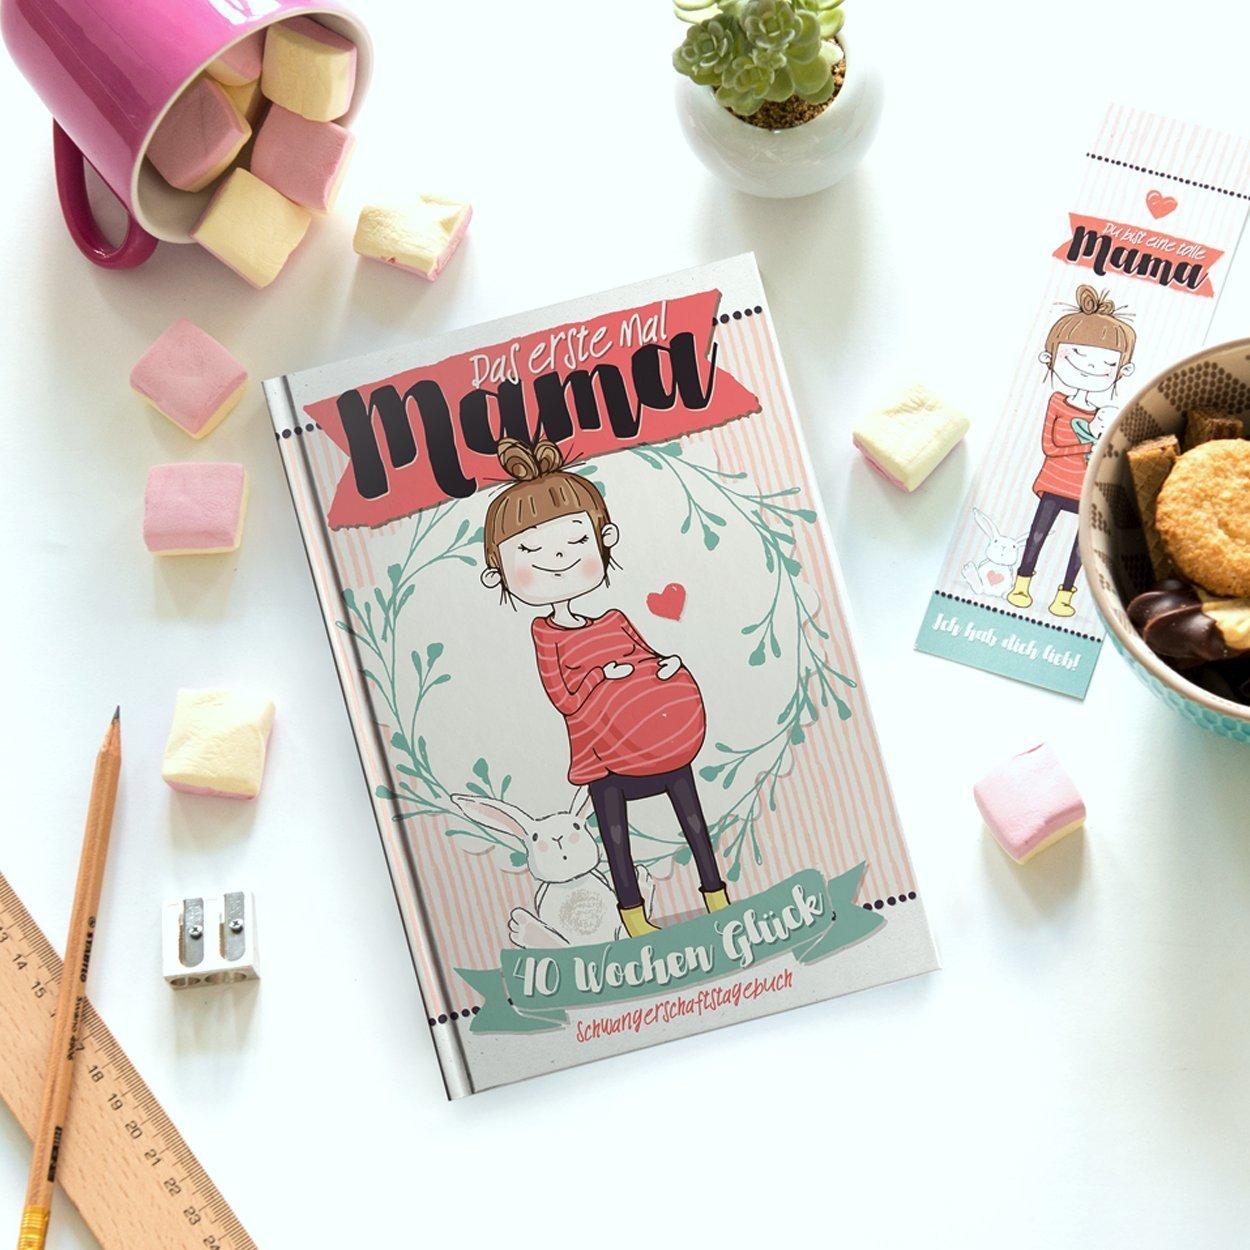 Das erste Mal Mama - 40 Wochen Glück (Ein Erinnerungsschatz für das ganze Leben - für alle die zum ersten Mal Mama werden zum Einkleben von Fotos und Notizen über 9 Monate + Lesezeichen